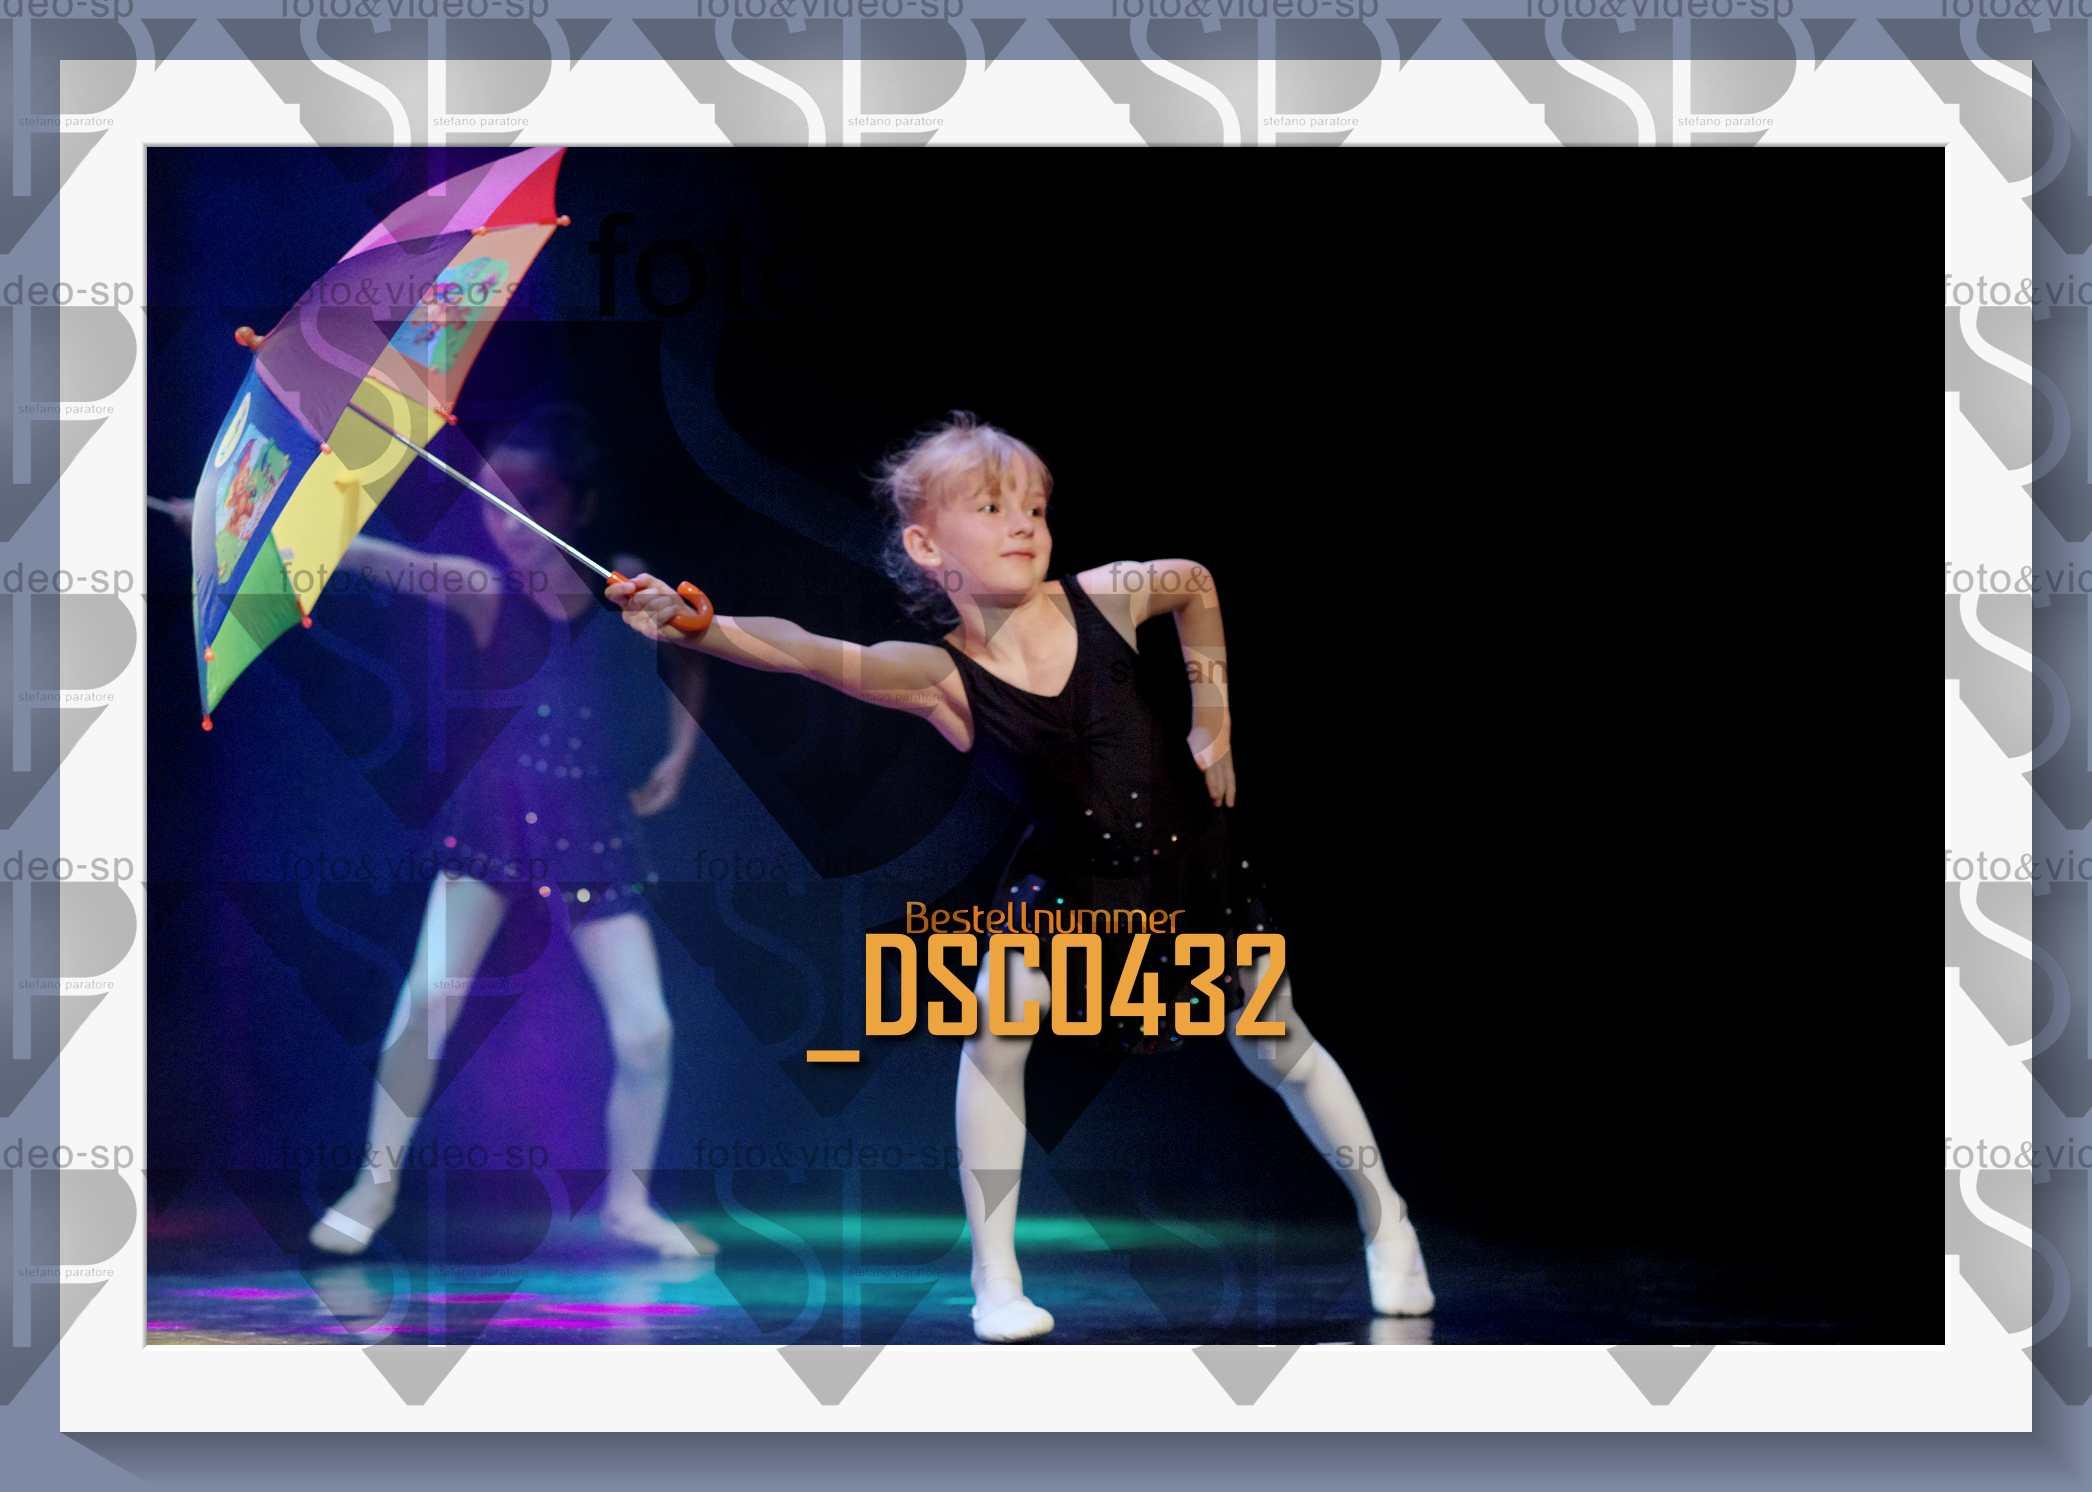 DSC0432